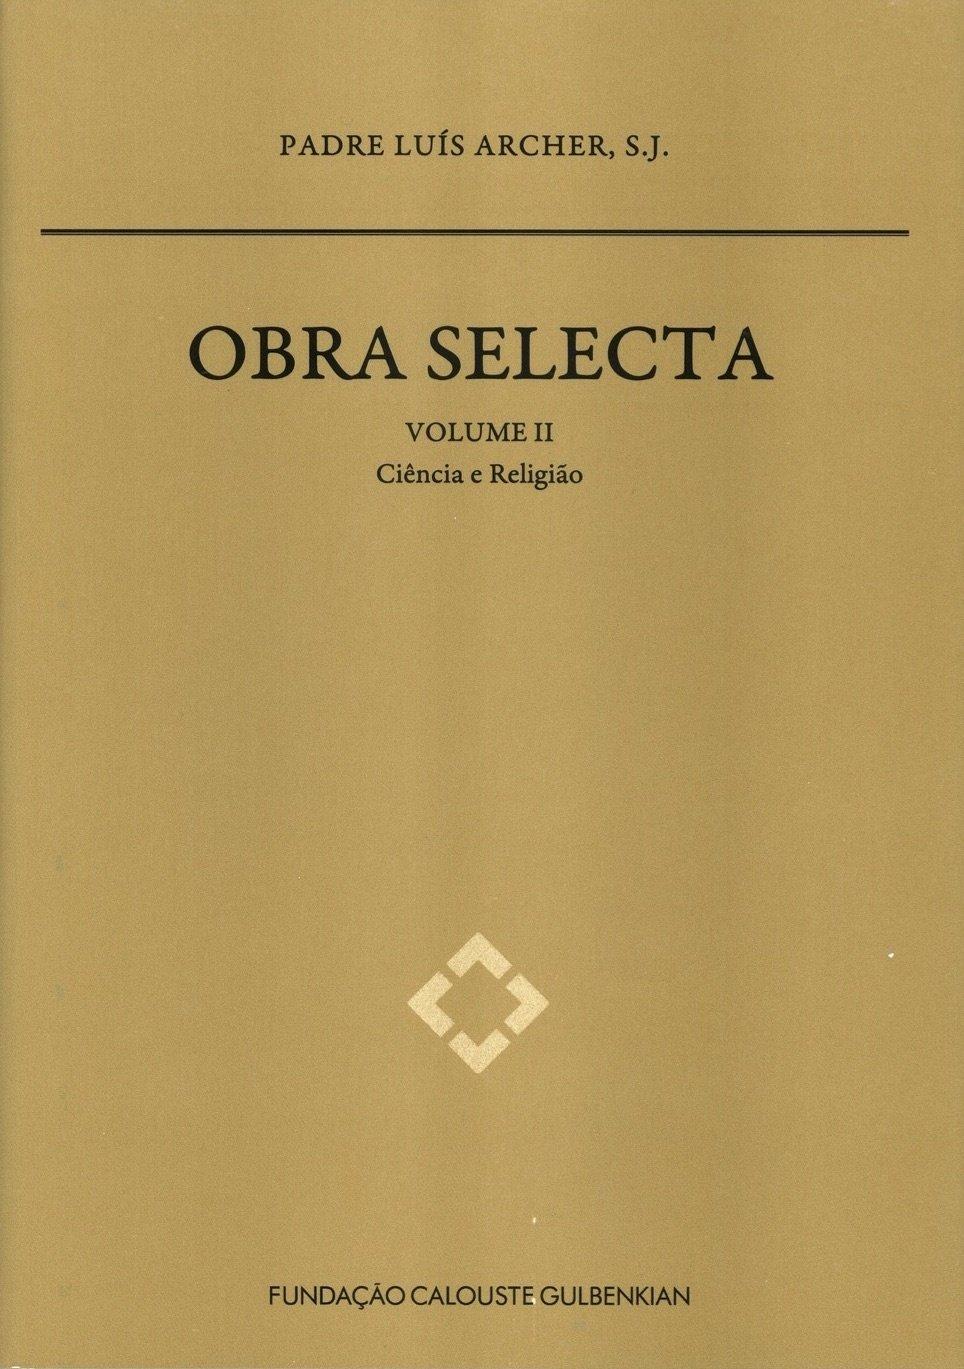 Obra Selecta do Padre Luís Archer, S.J. Volume II: Ciência e Religião, Capa